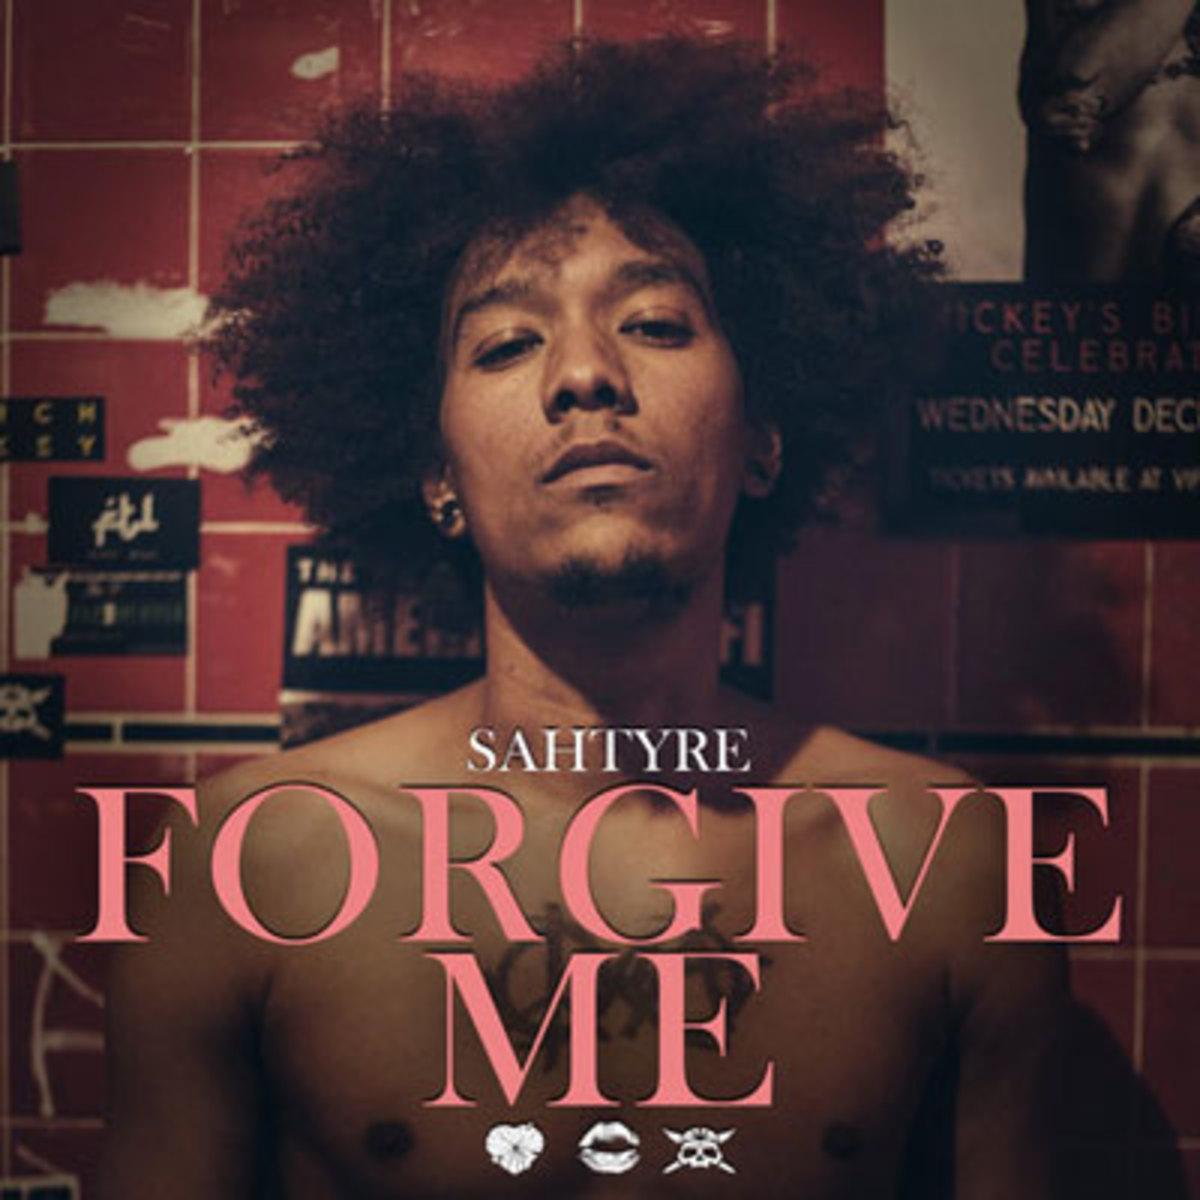 sahtyre-forgiveme.jpg